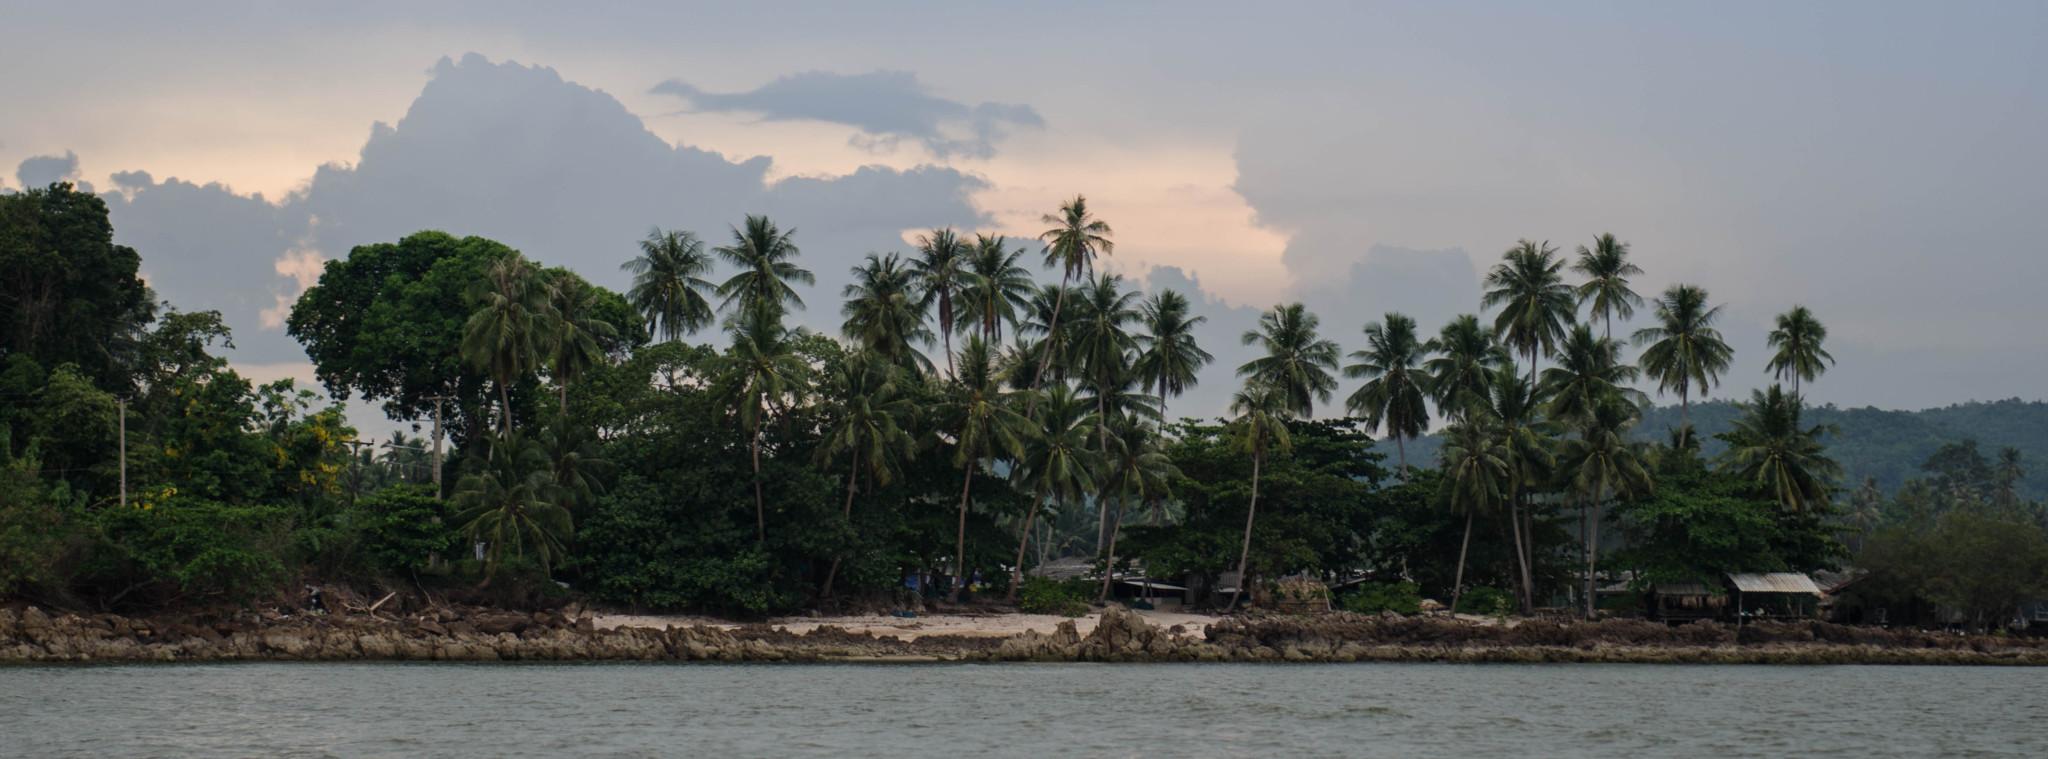 Koh Kula Insel in Chumphon